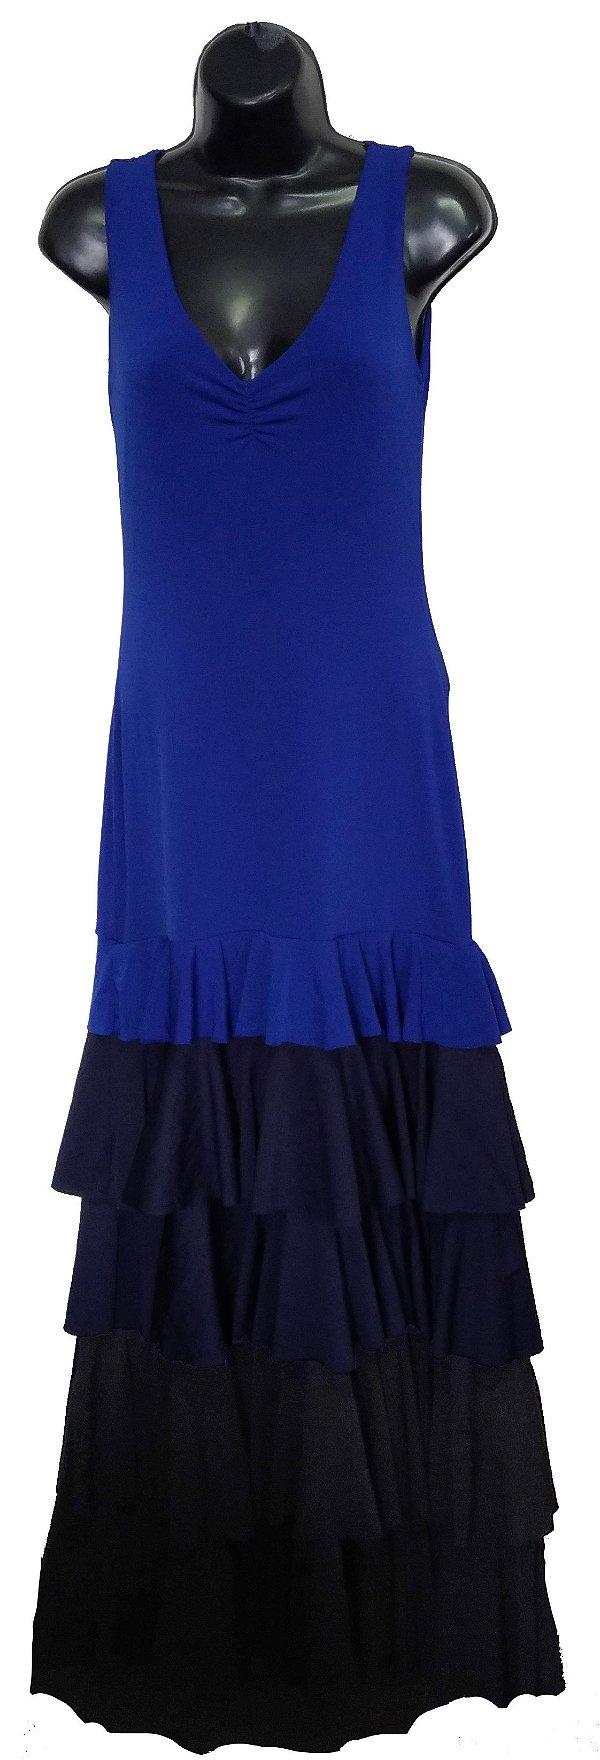 Vestido Azul Degradê (Peça única tam. P)